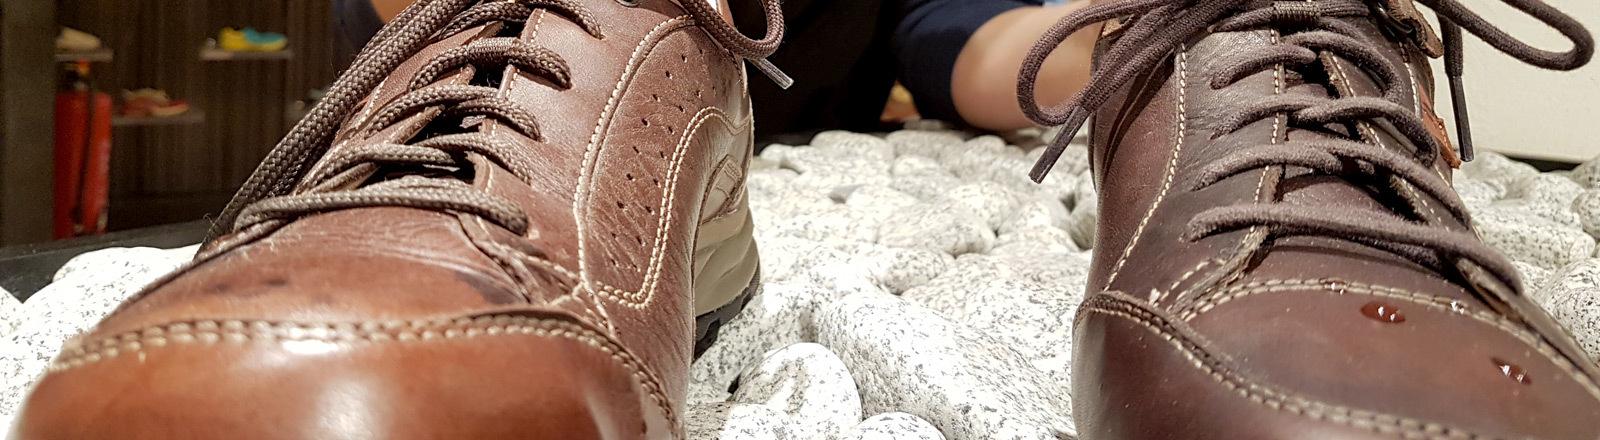 Schuhe imprägnieren im Test.